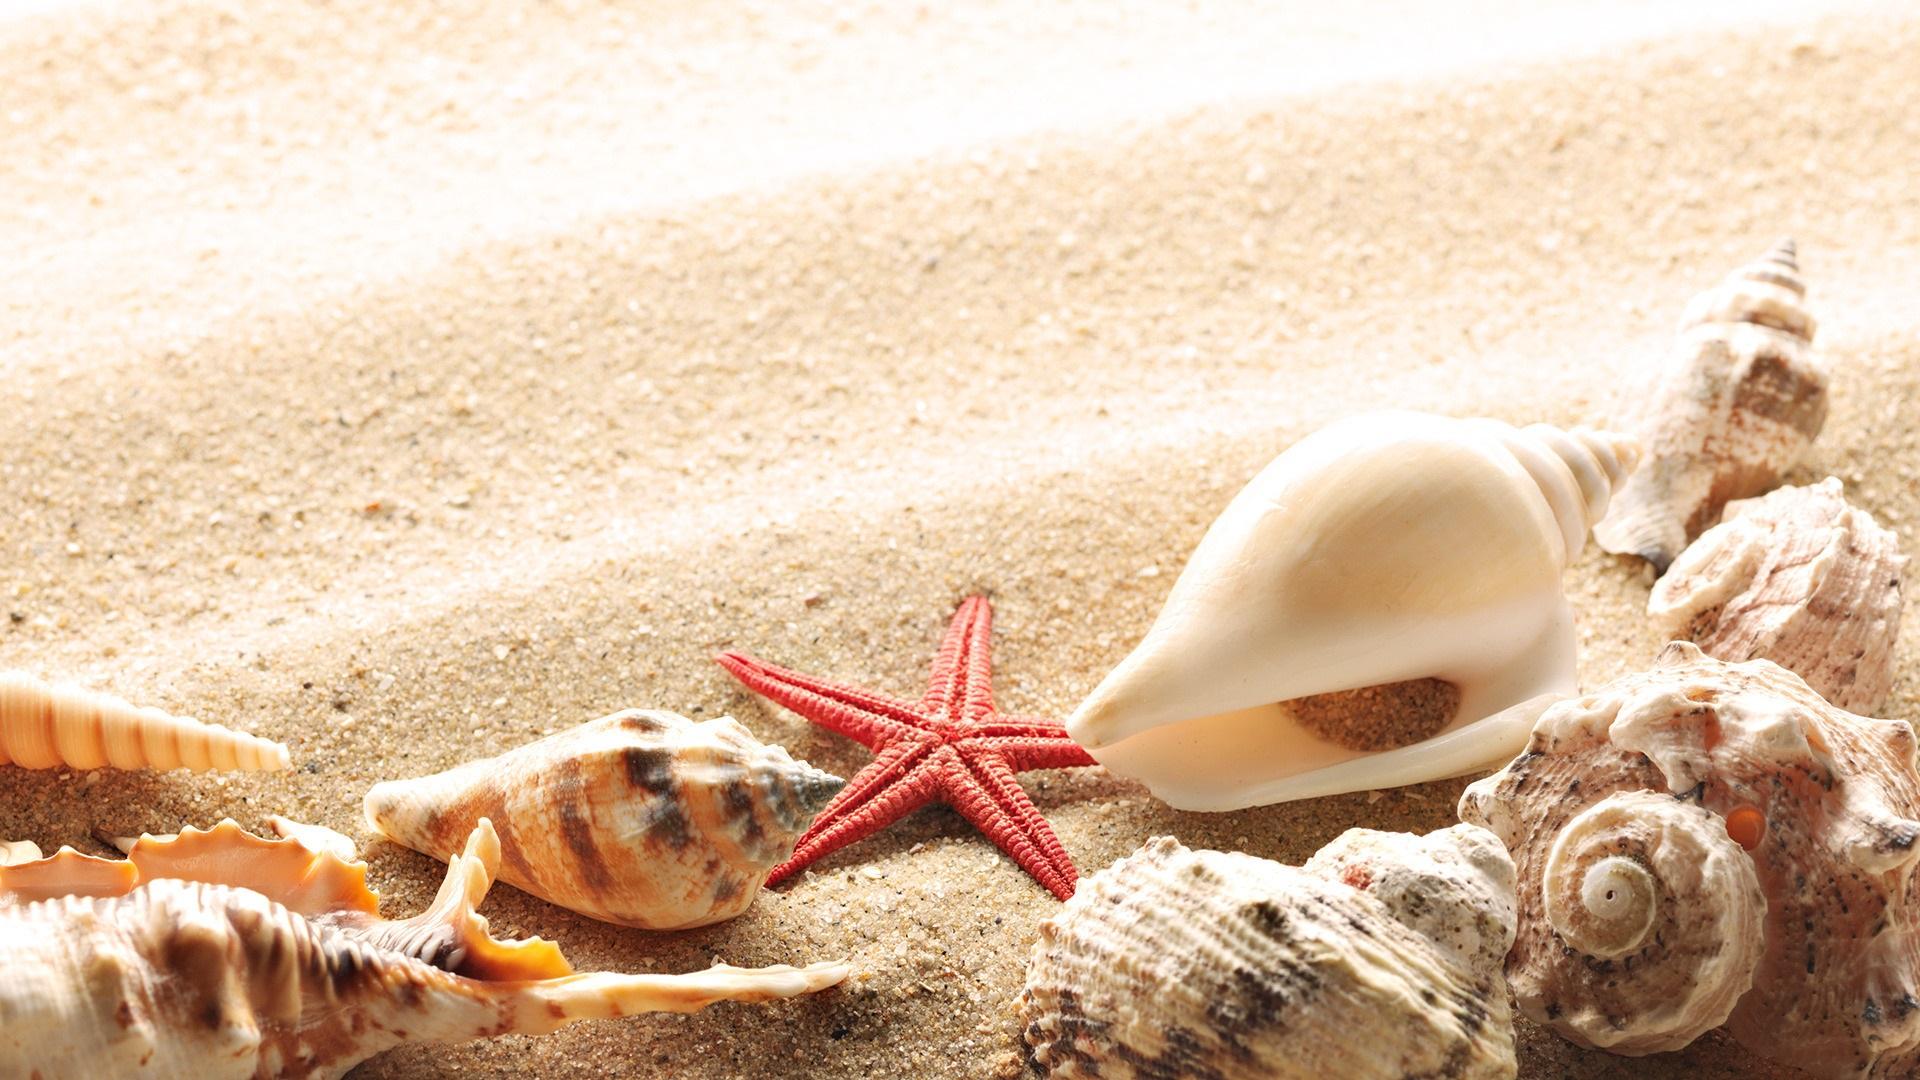 壁紙 ビーチ 砂浜 貝殻 ヒトデ 19x1080 Full Hd 2k 無料のデスクトップの背景 画像